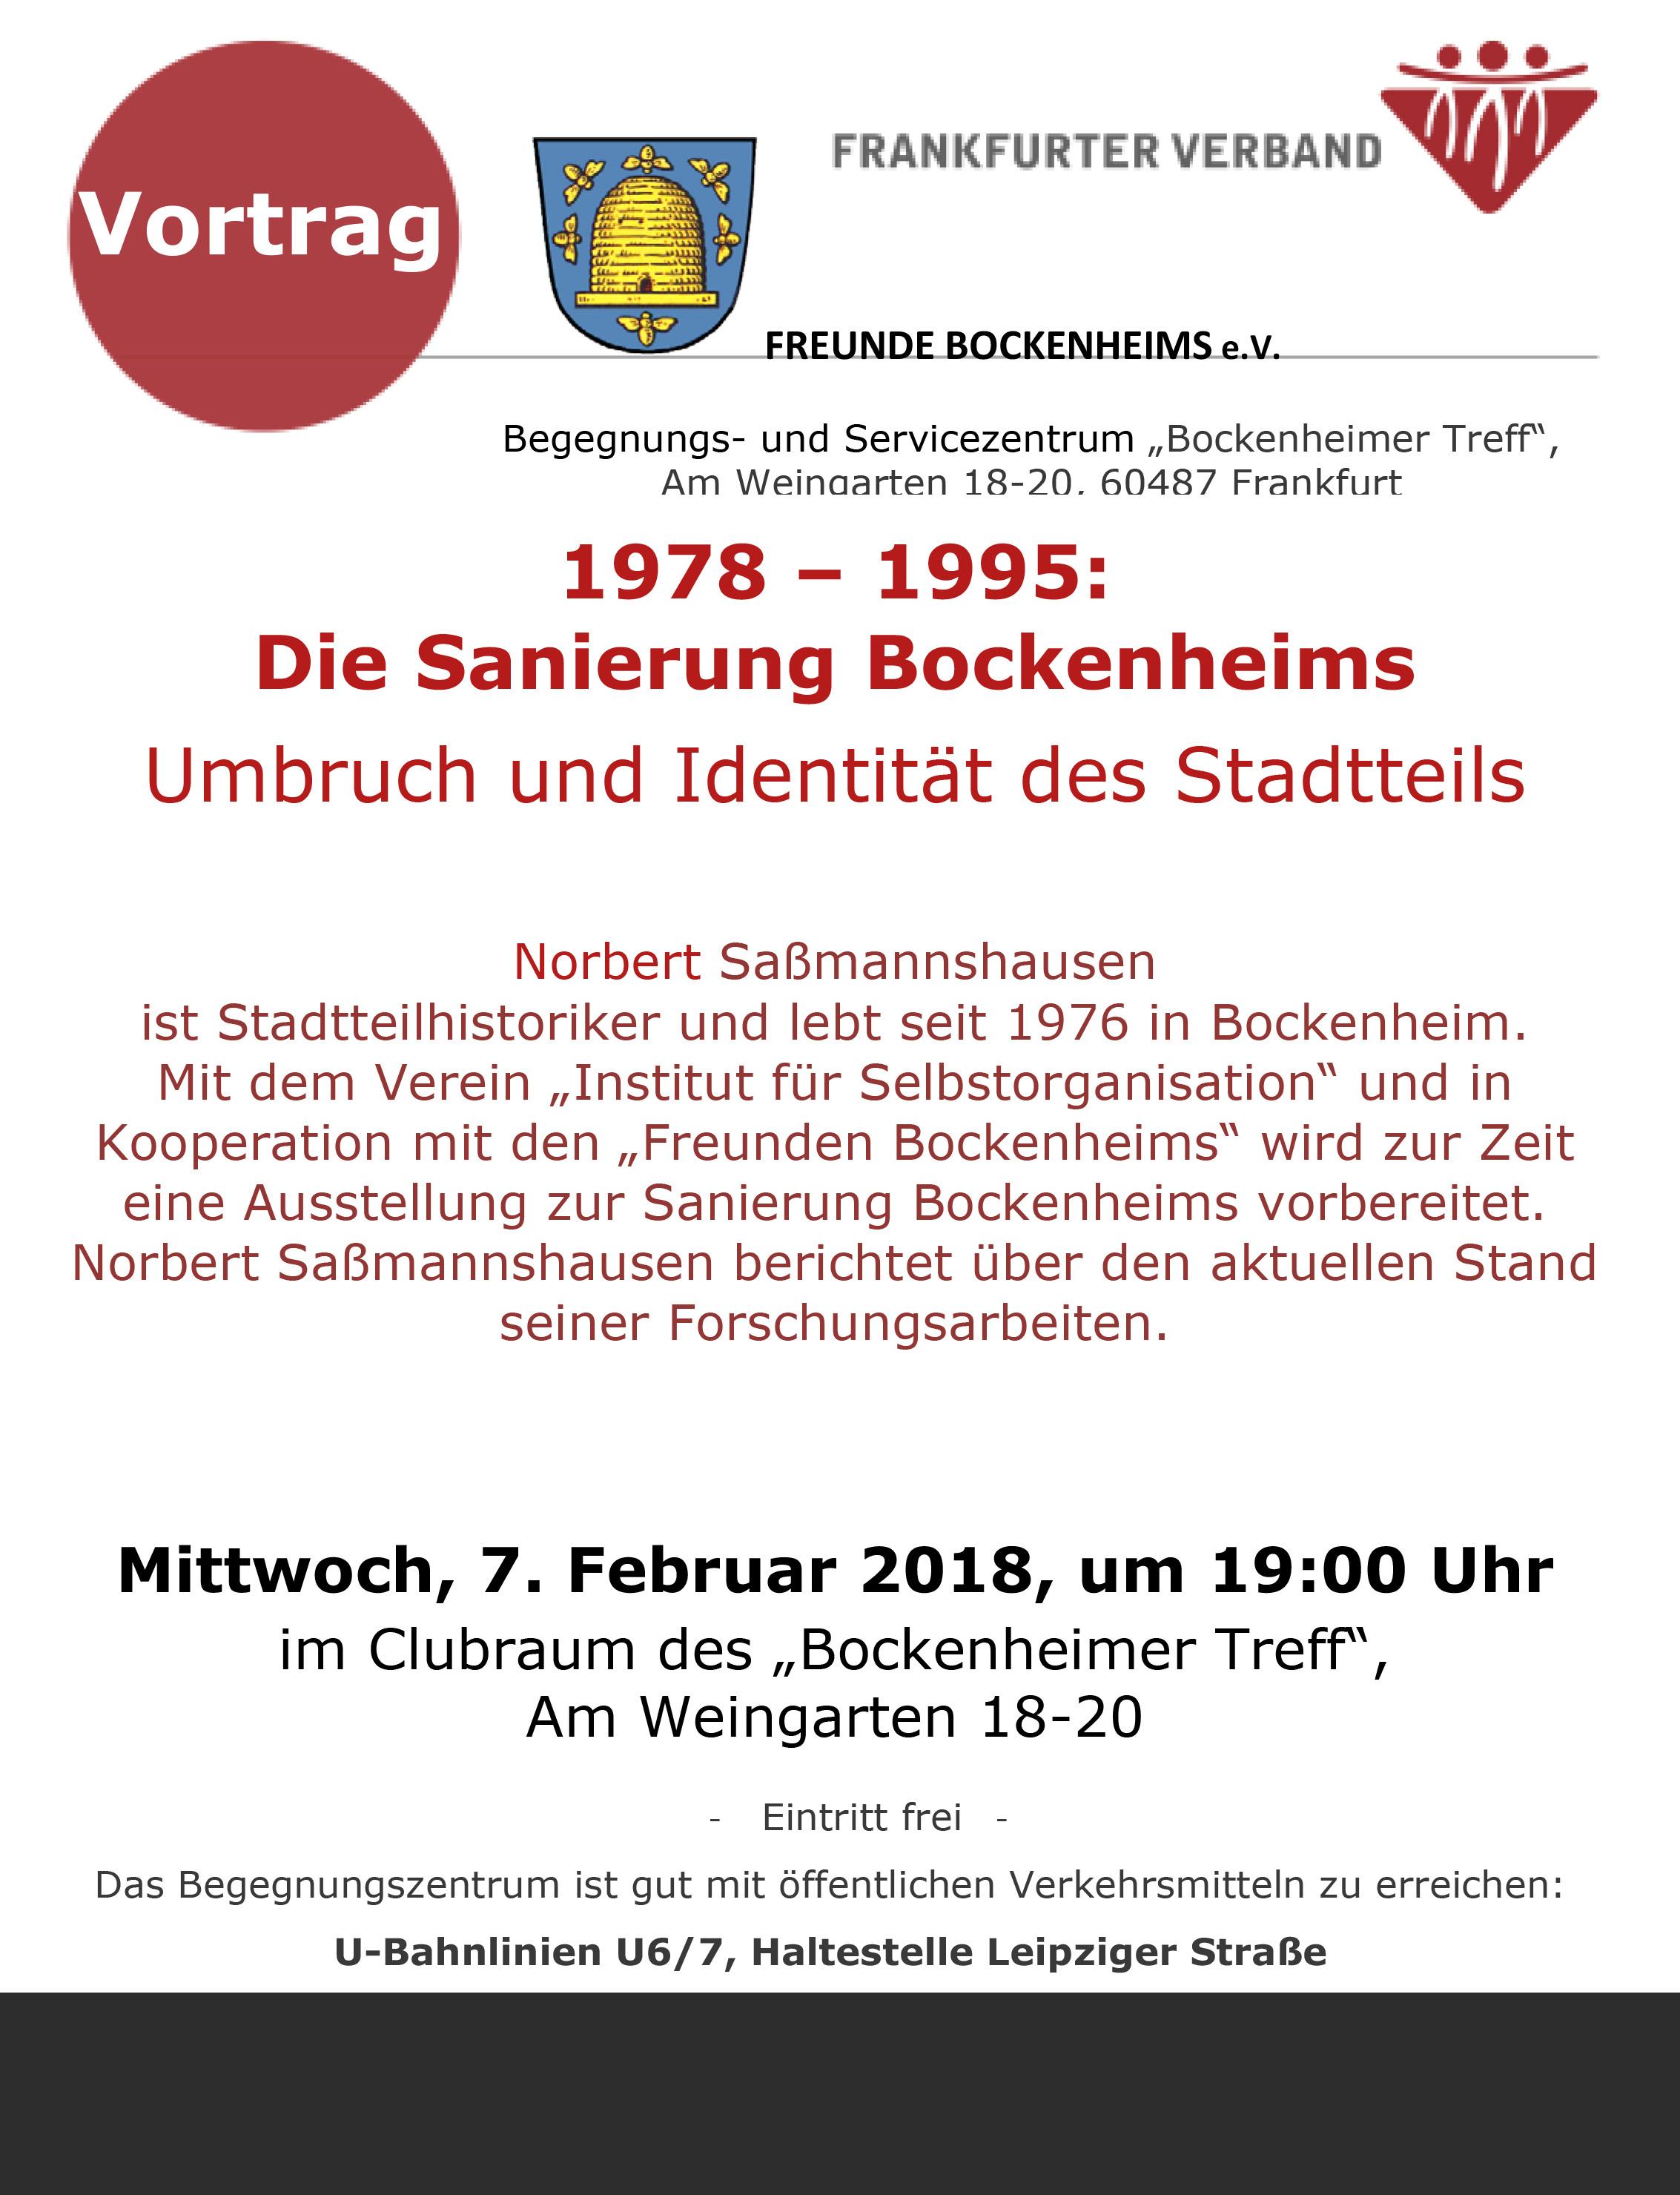 """7. Febr. 2018: Vortrag """"Die Sanierung Bockenheims"""""""